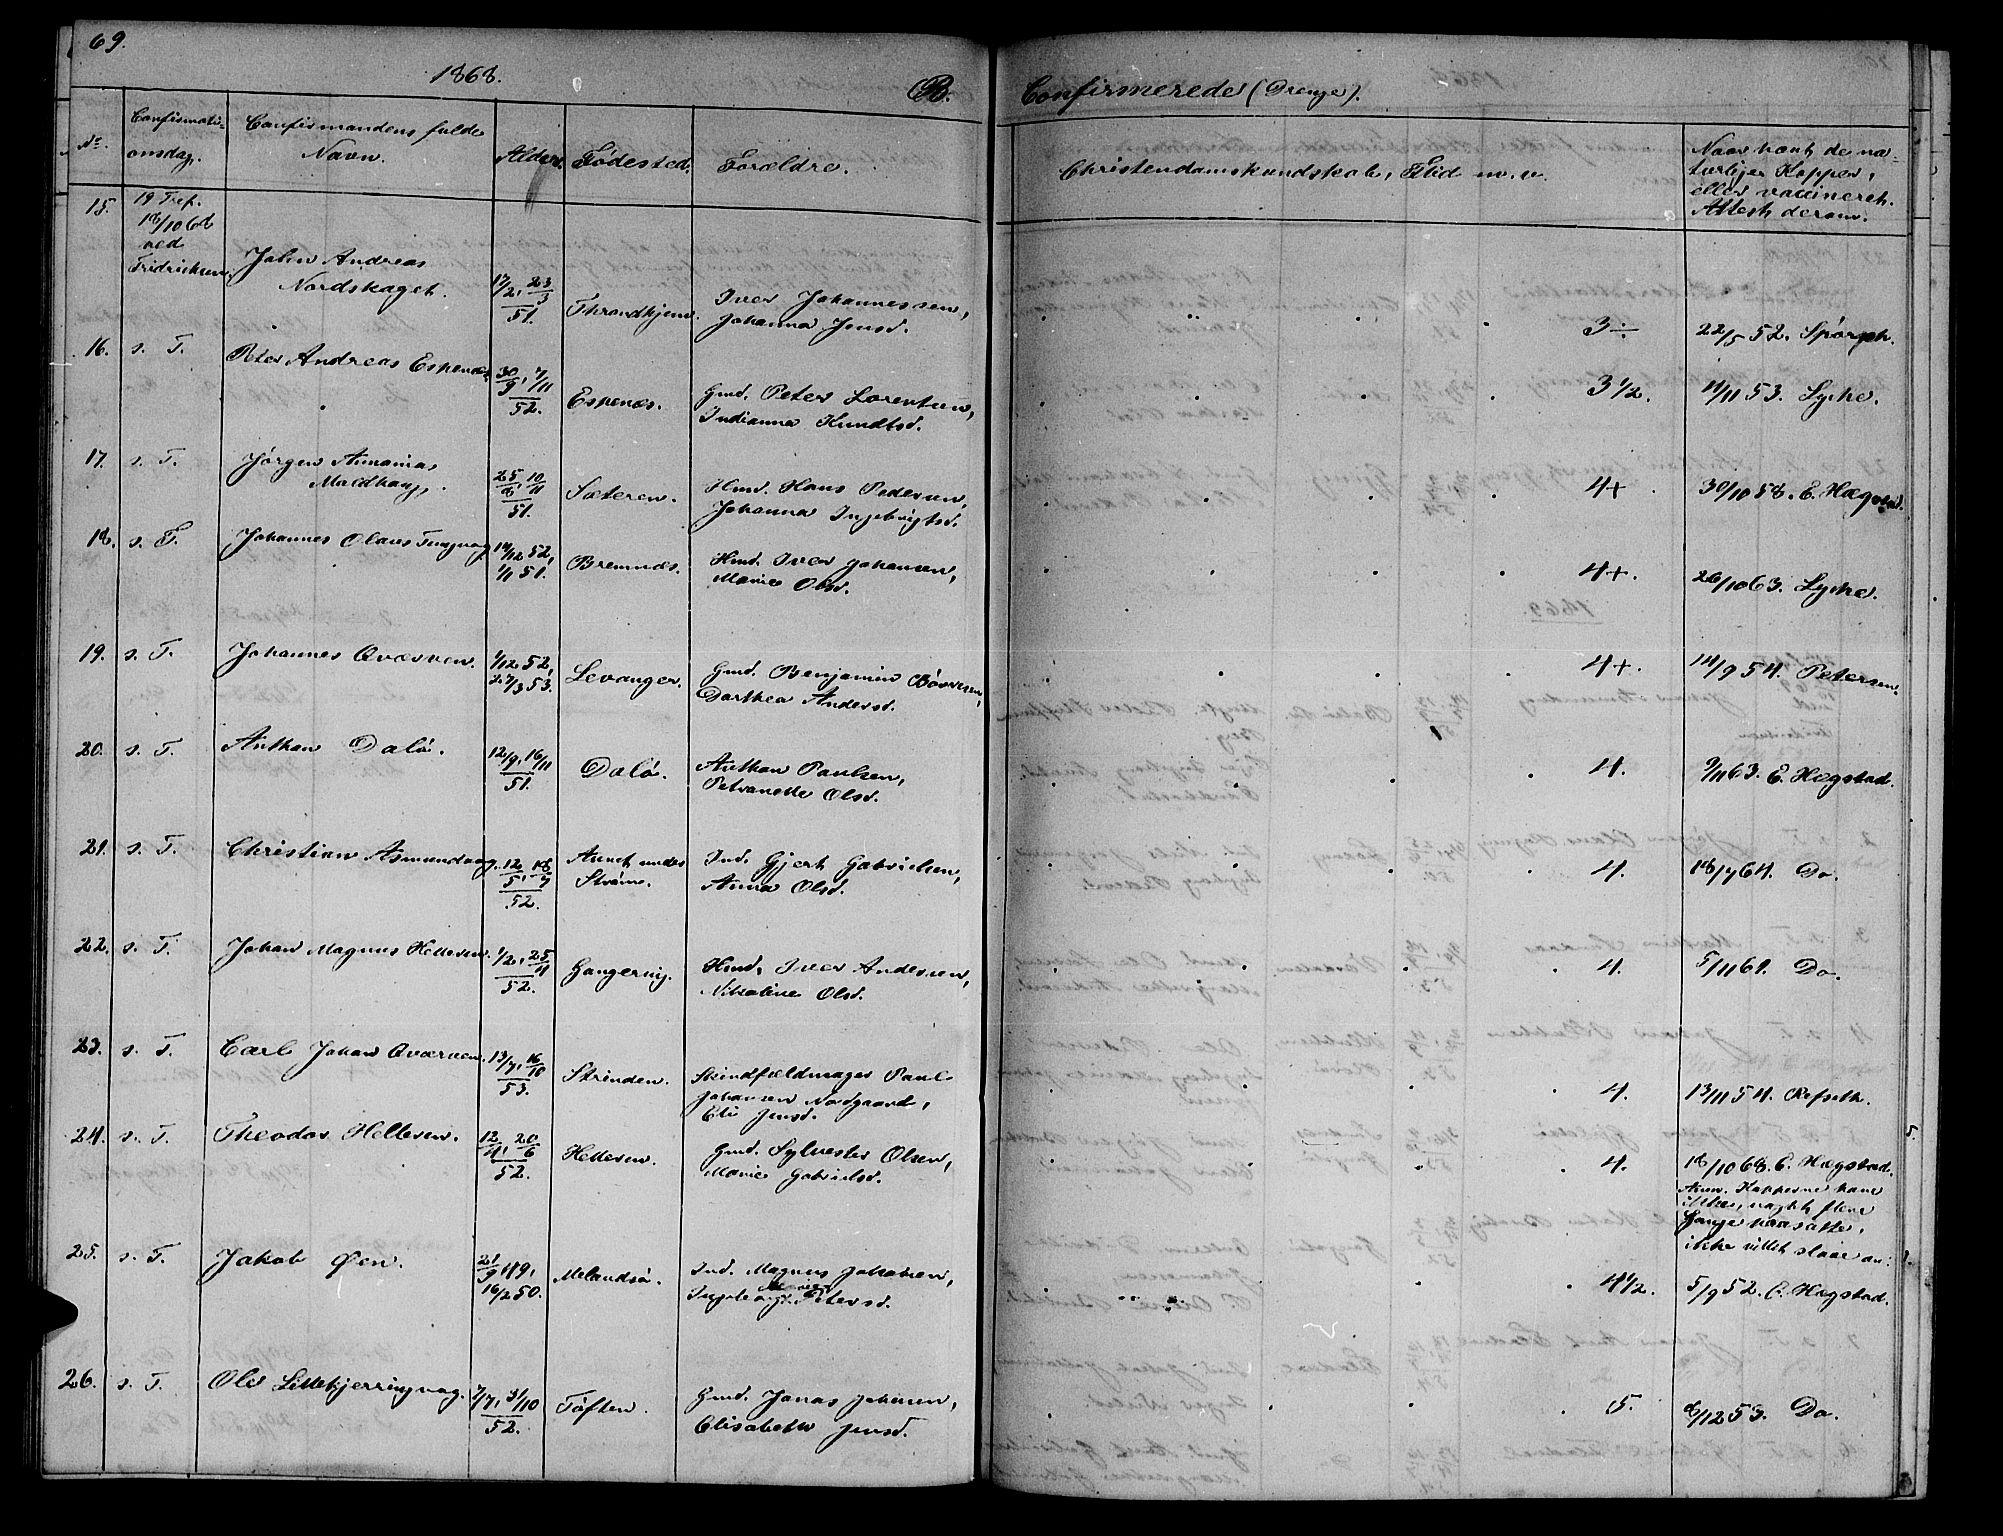 SAT, Ministerialprotokoller, klokkerbøker og fødselsregistre - Sør-Trøndelag, 634/L0539: Klokkerbok nr. 634C01, 1866-1873, s. 69